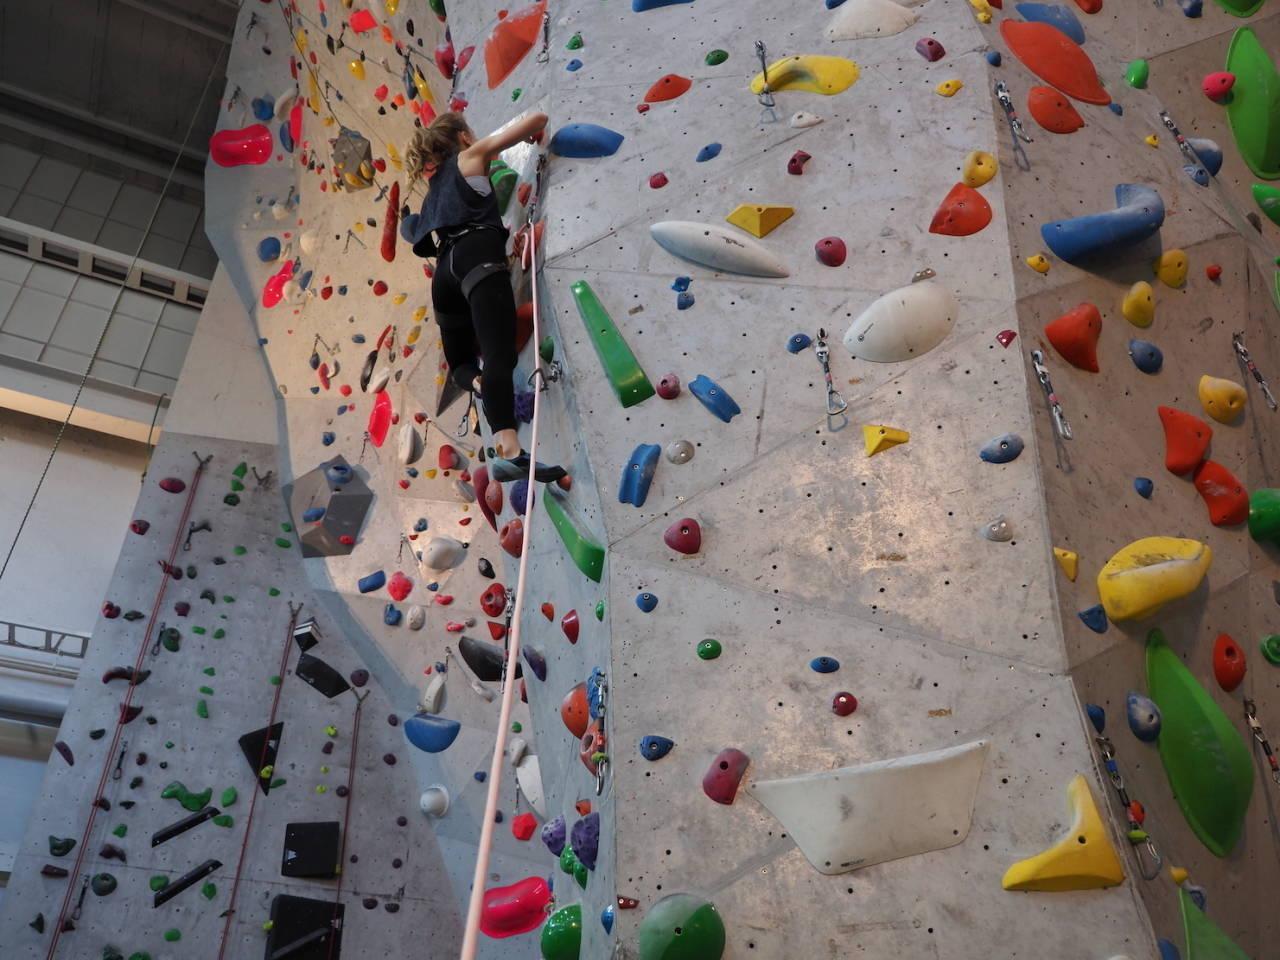 Endelig åpner klatresentrene for både barn og voksne igjen, men det fortsatt restriksjoner. Foto: Lisa Kvålshaugen Bjærum